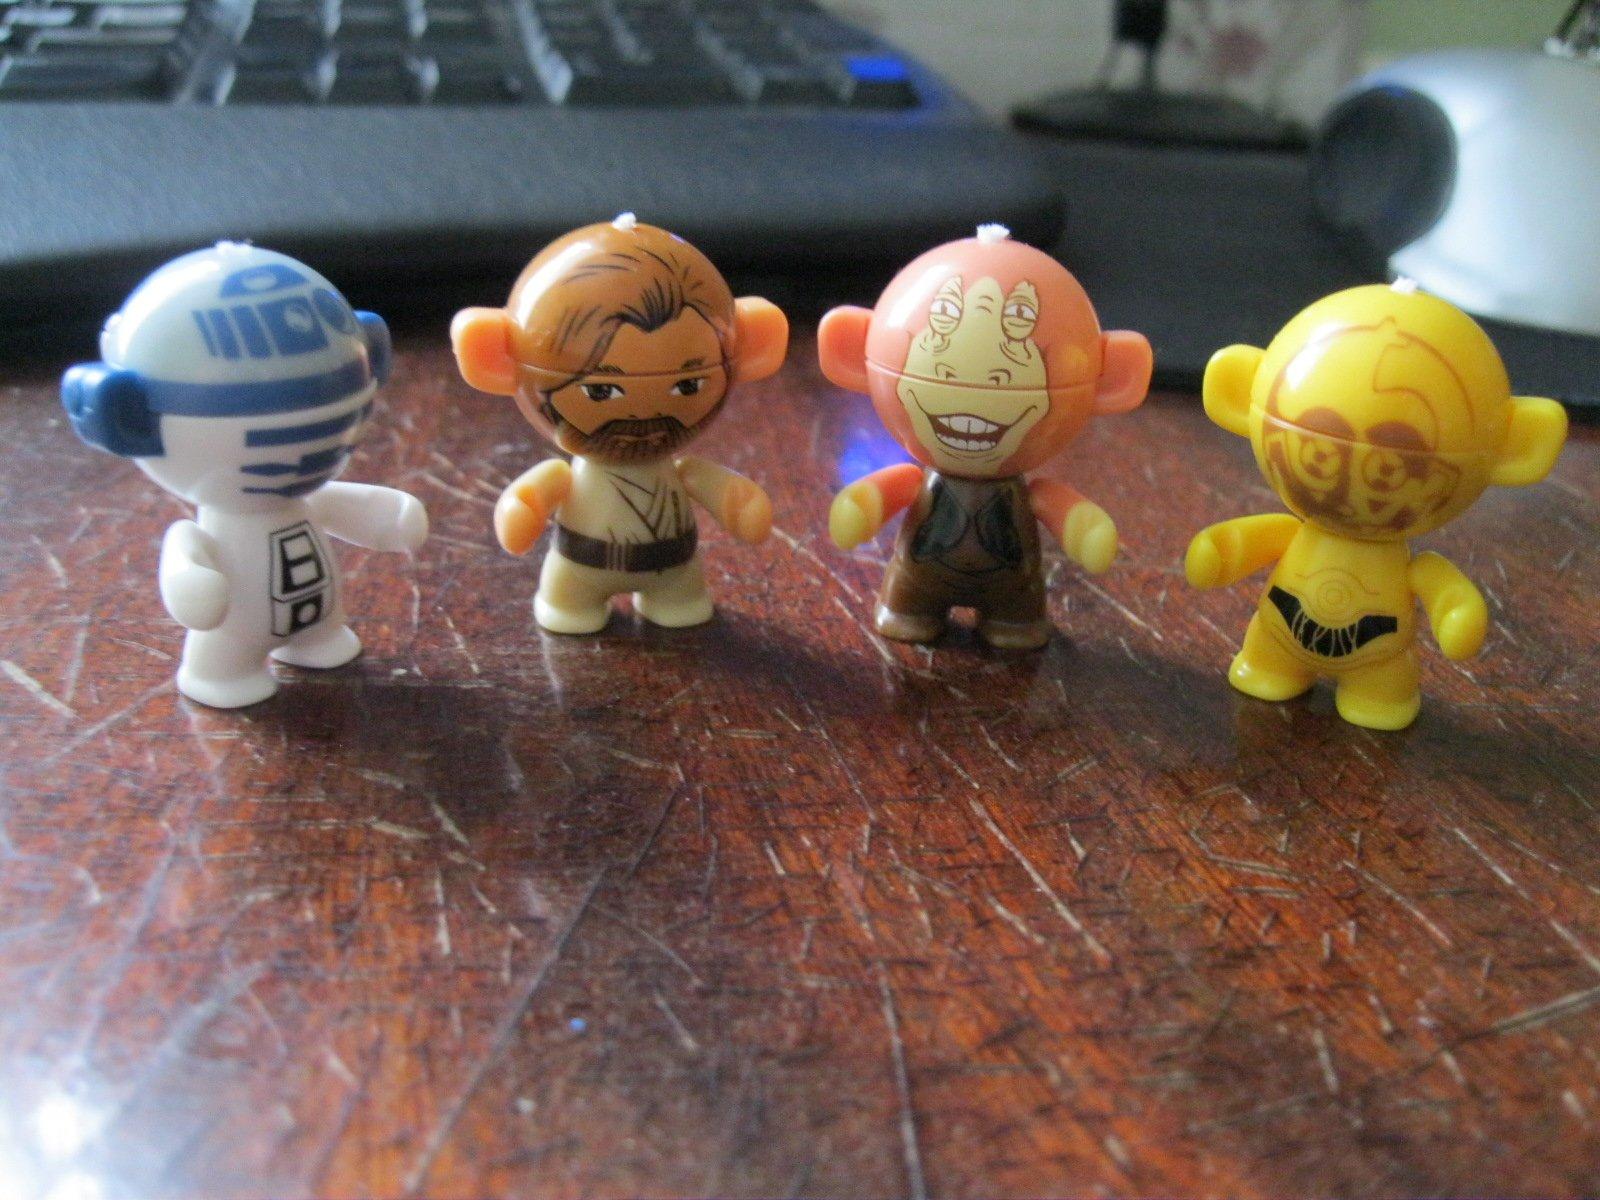 Моя СтарВарсовская команда.Кто нибудь собирал таких головастиков из Киндеров? #starwars - Изображение 1